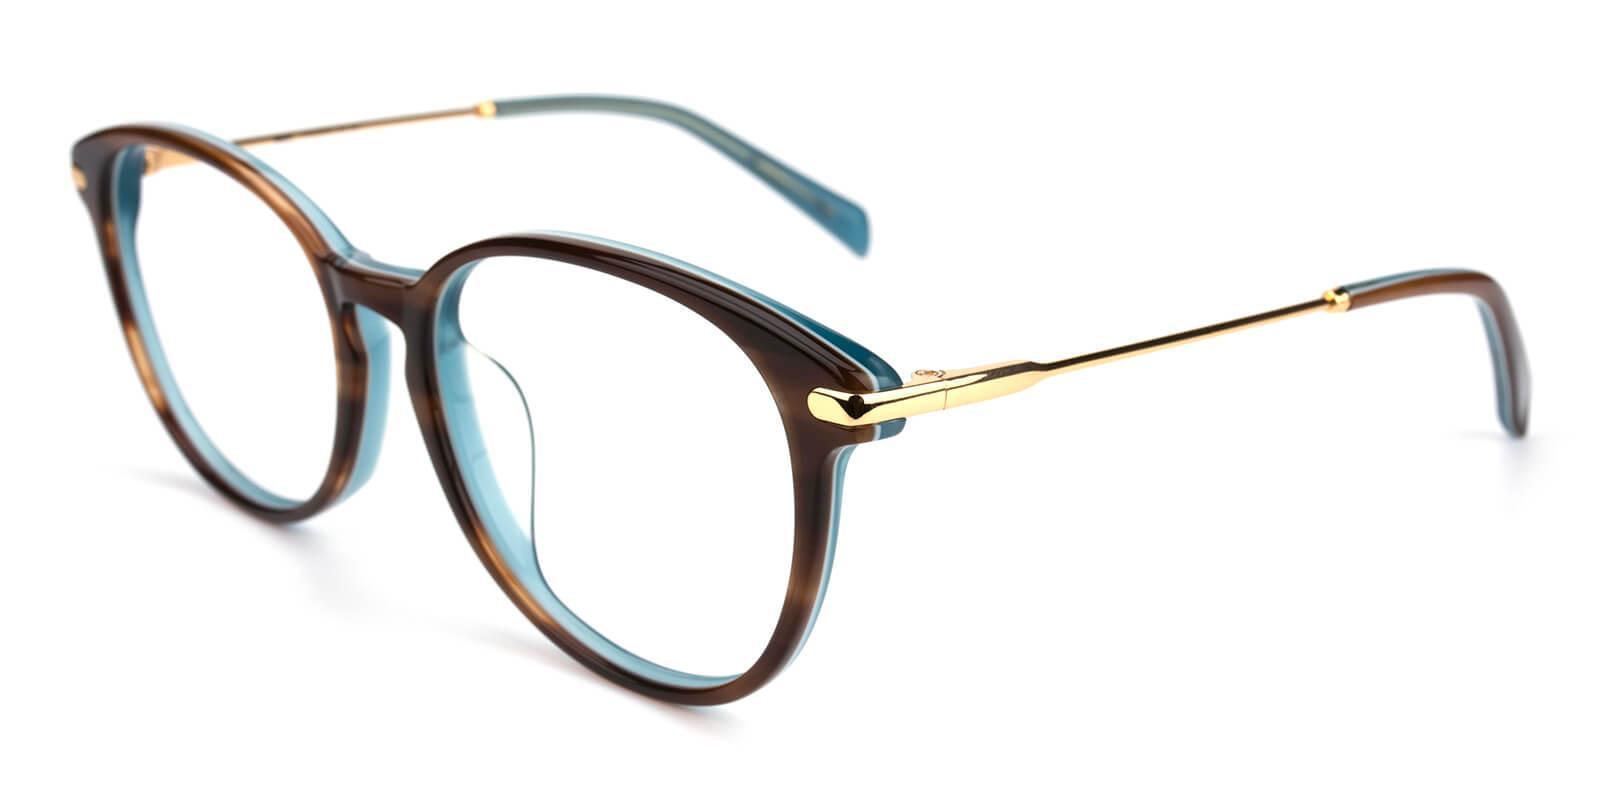 Hindoom-Tortoise-Round-Acetate-Eyeglasses-additional1